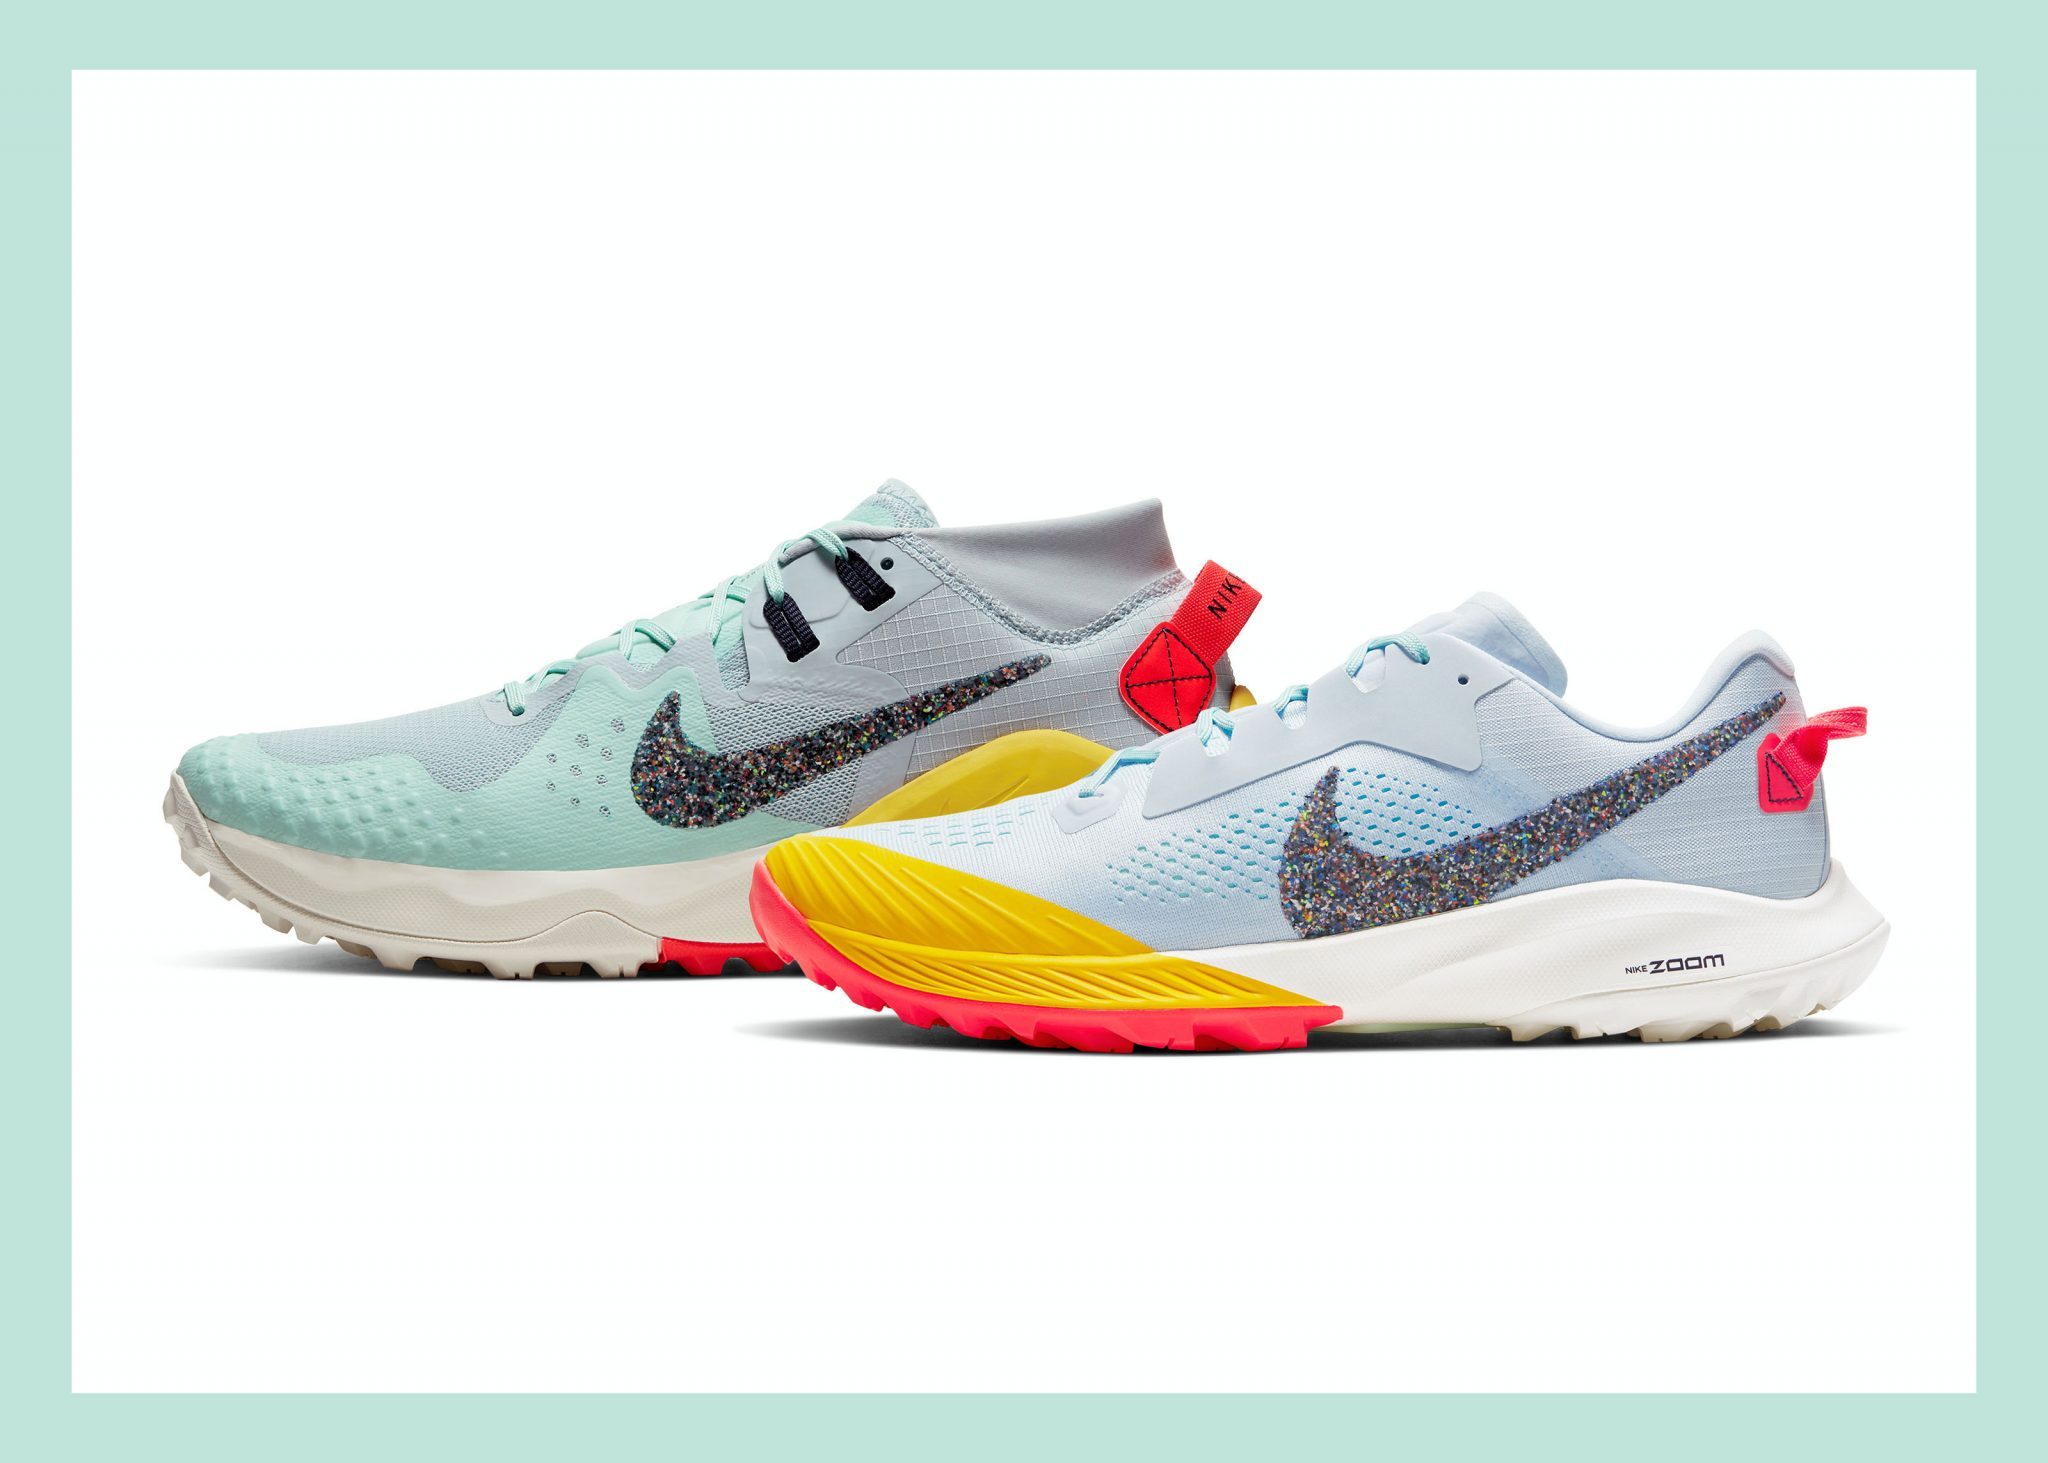 Nike dévoile des nouveautés pour sa gamme de chaussures de